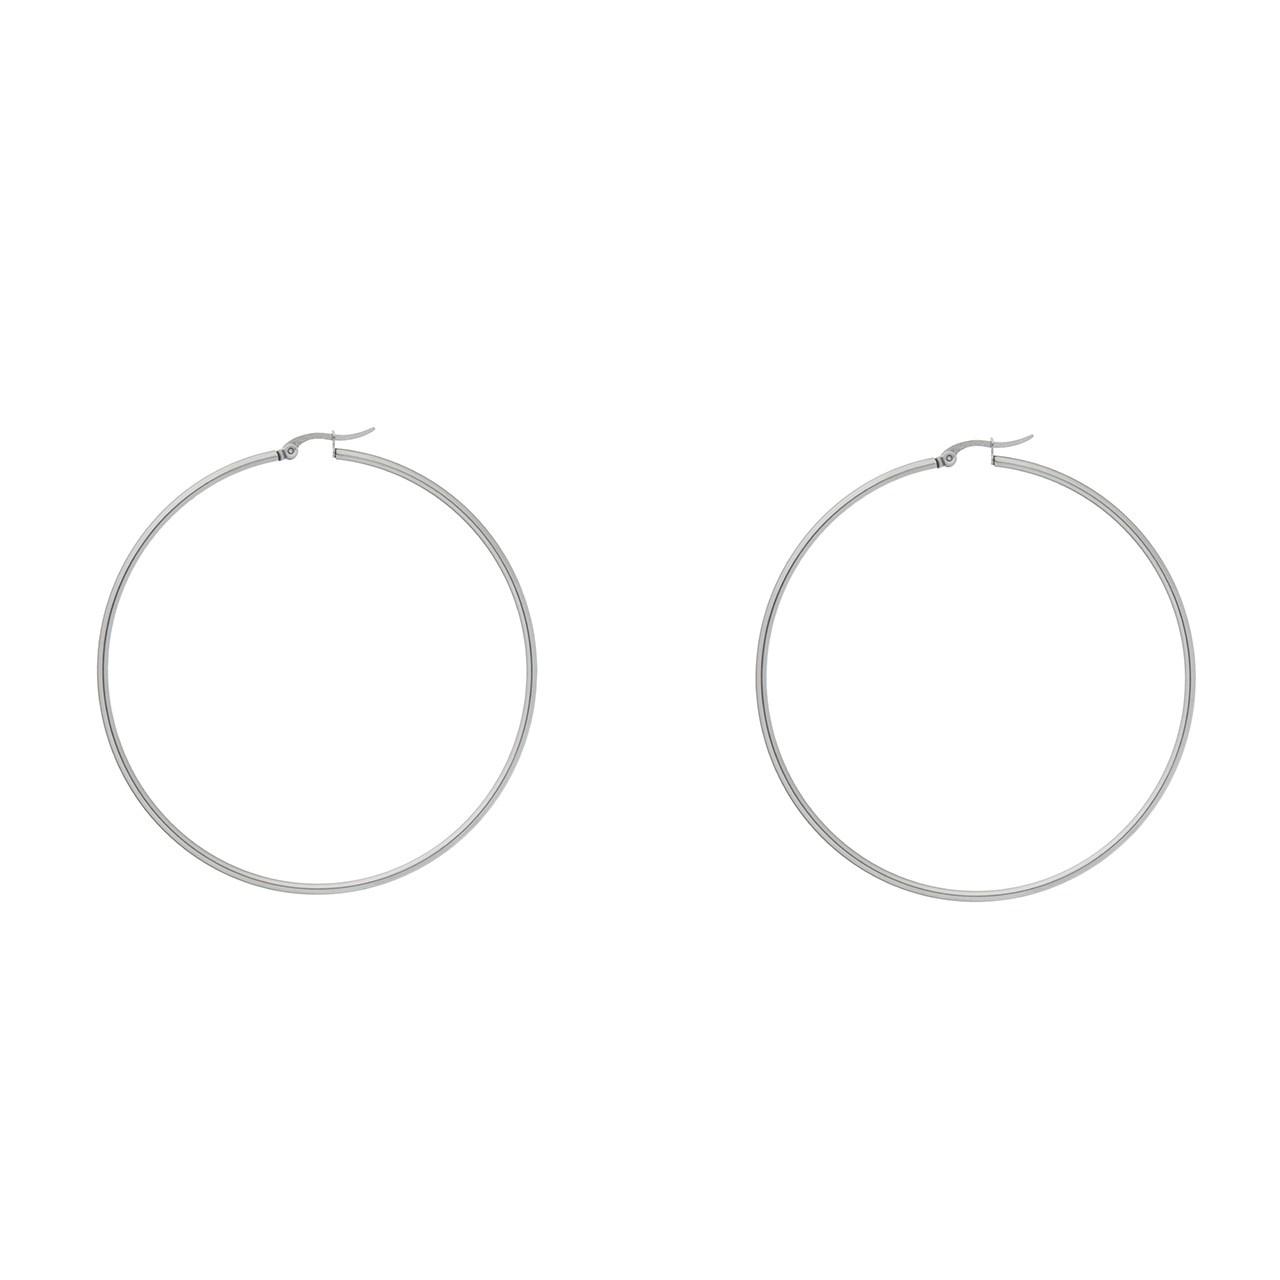 گوشواره حلقه ای استیل مارنا گالری مدل NB3 Silver